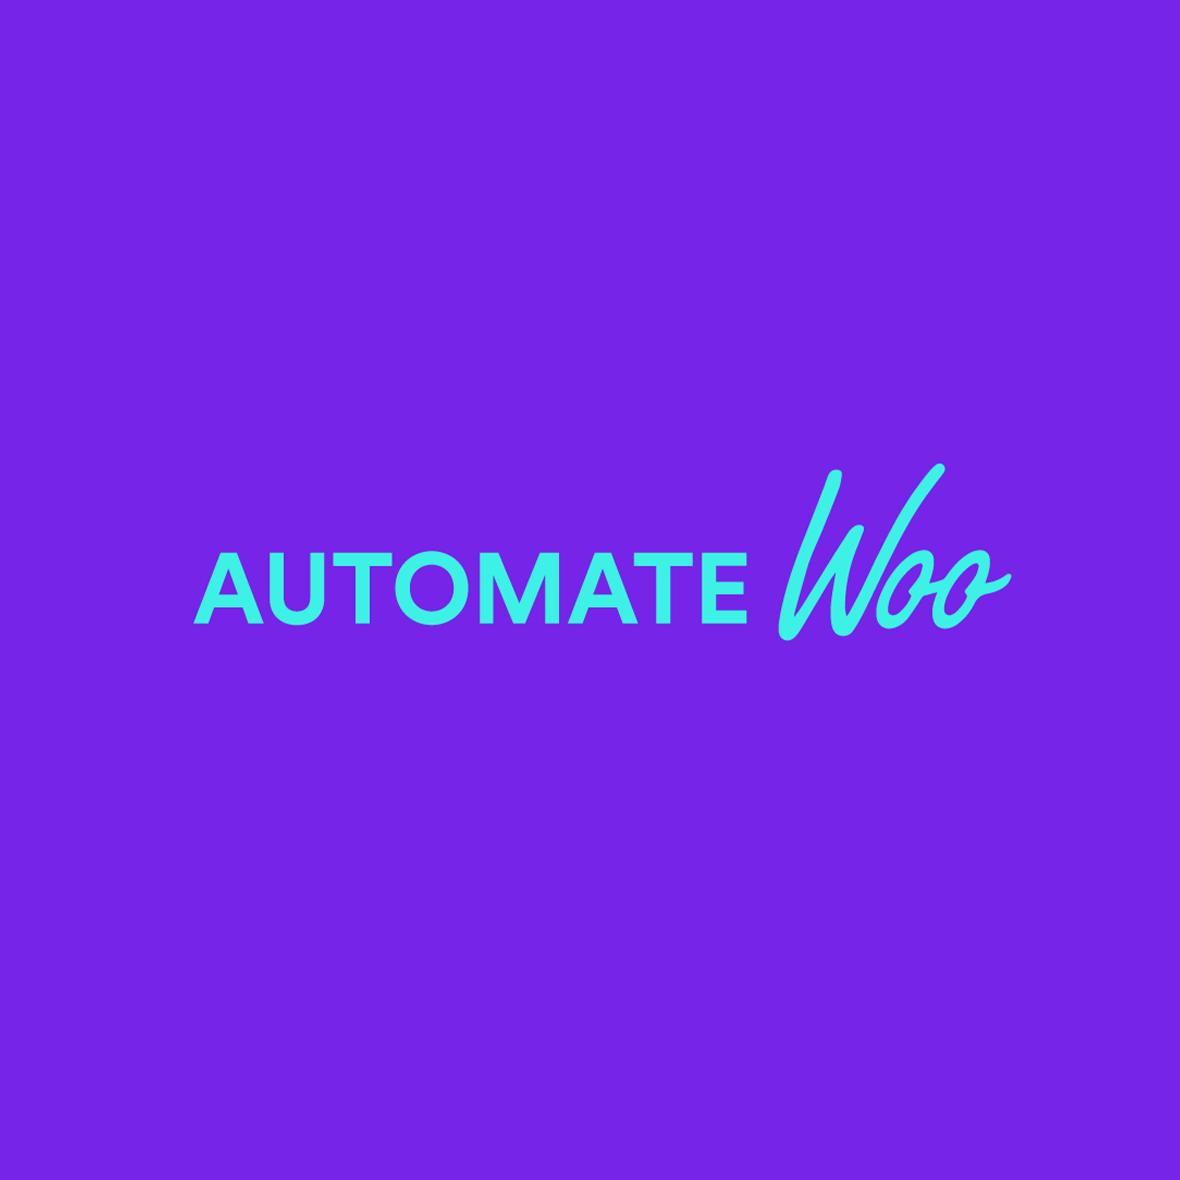 AutomateWoo